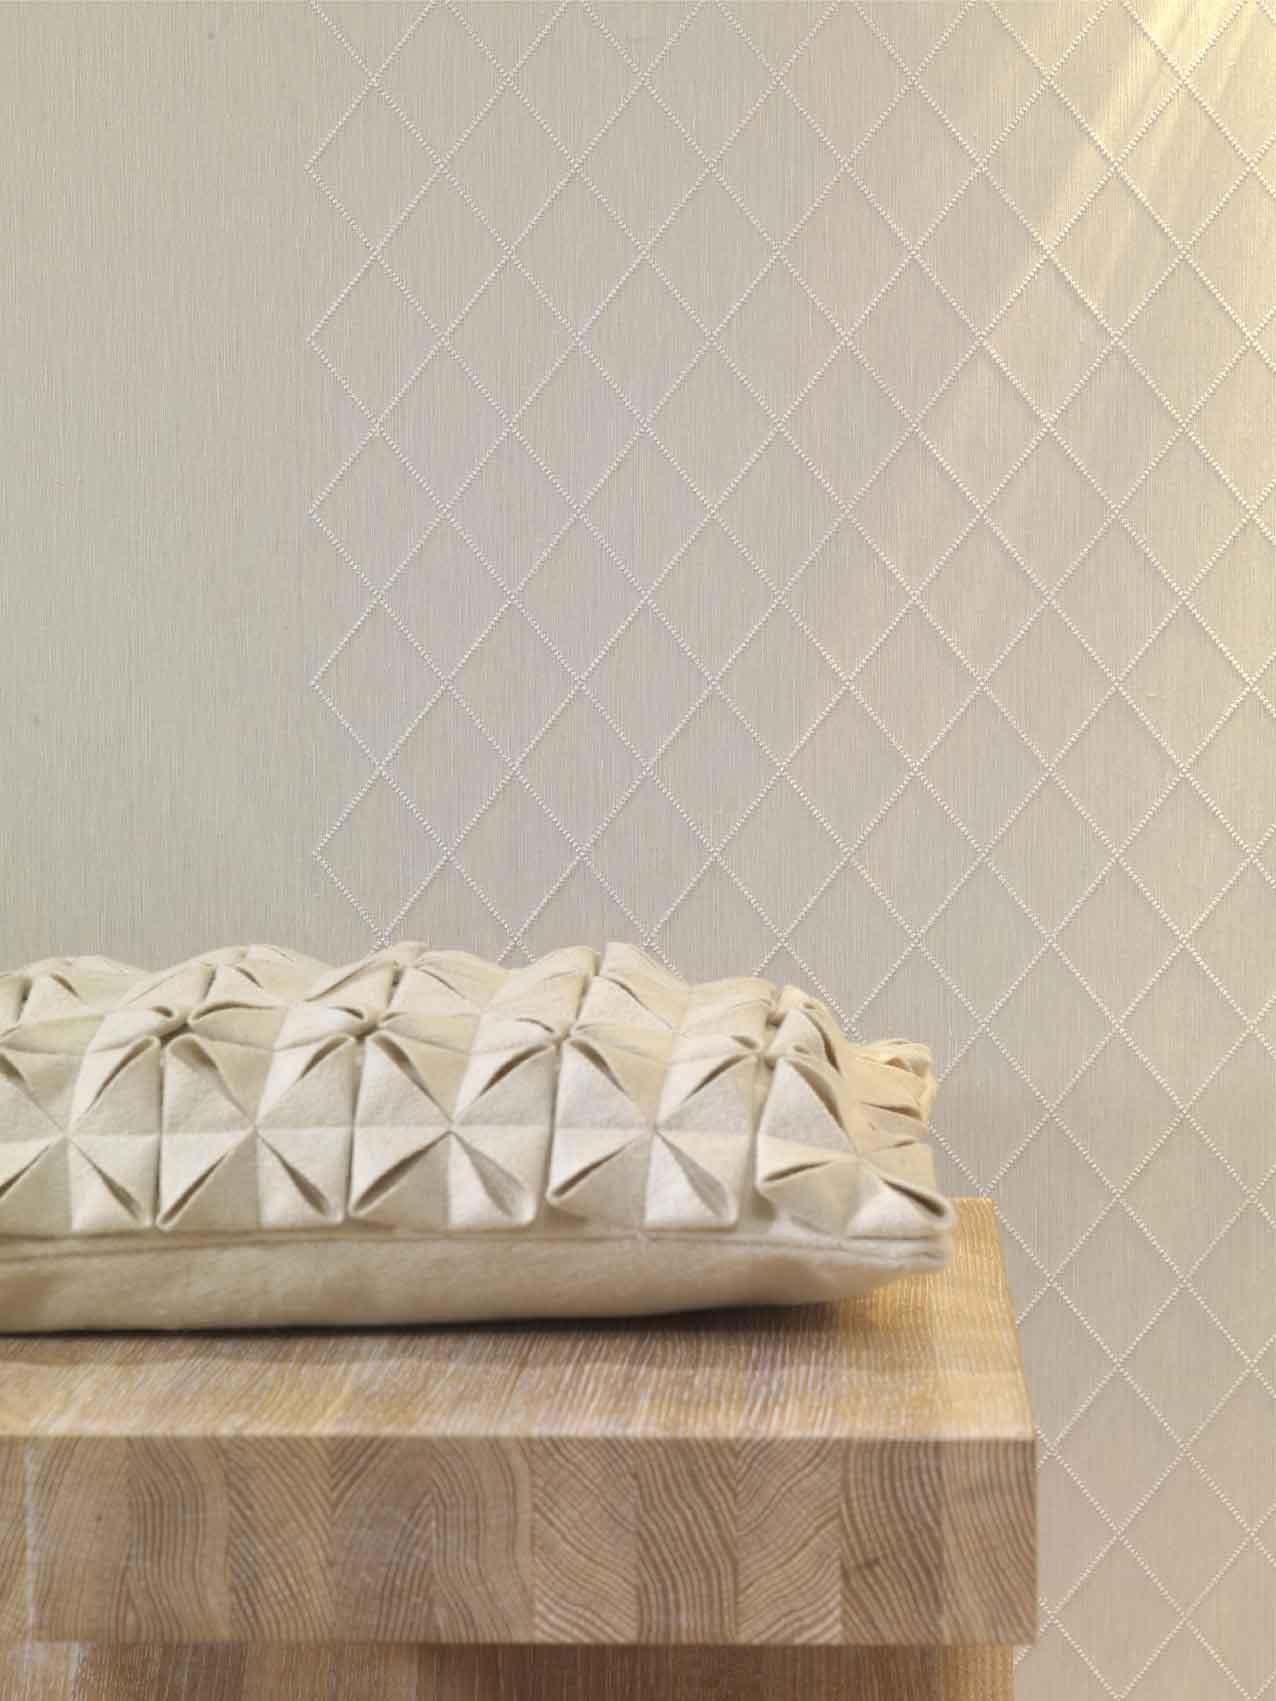 Full Size of Tapeten Modern Tapetenshop 5 Rasch Luxury Klassisch Online Kaufen Wohnzimmer Bilder Modernes Sofa Schlafzimmer Deckenlampen Moderne Landhausküche Für Die Wohnzimmer Tapeten Modern